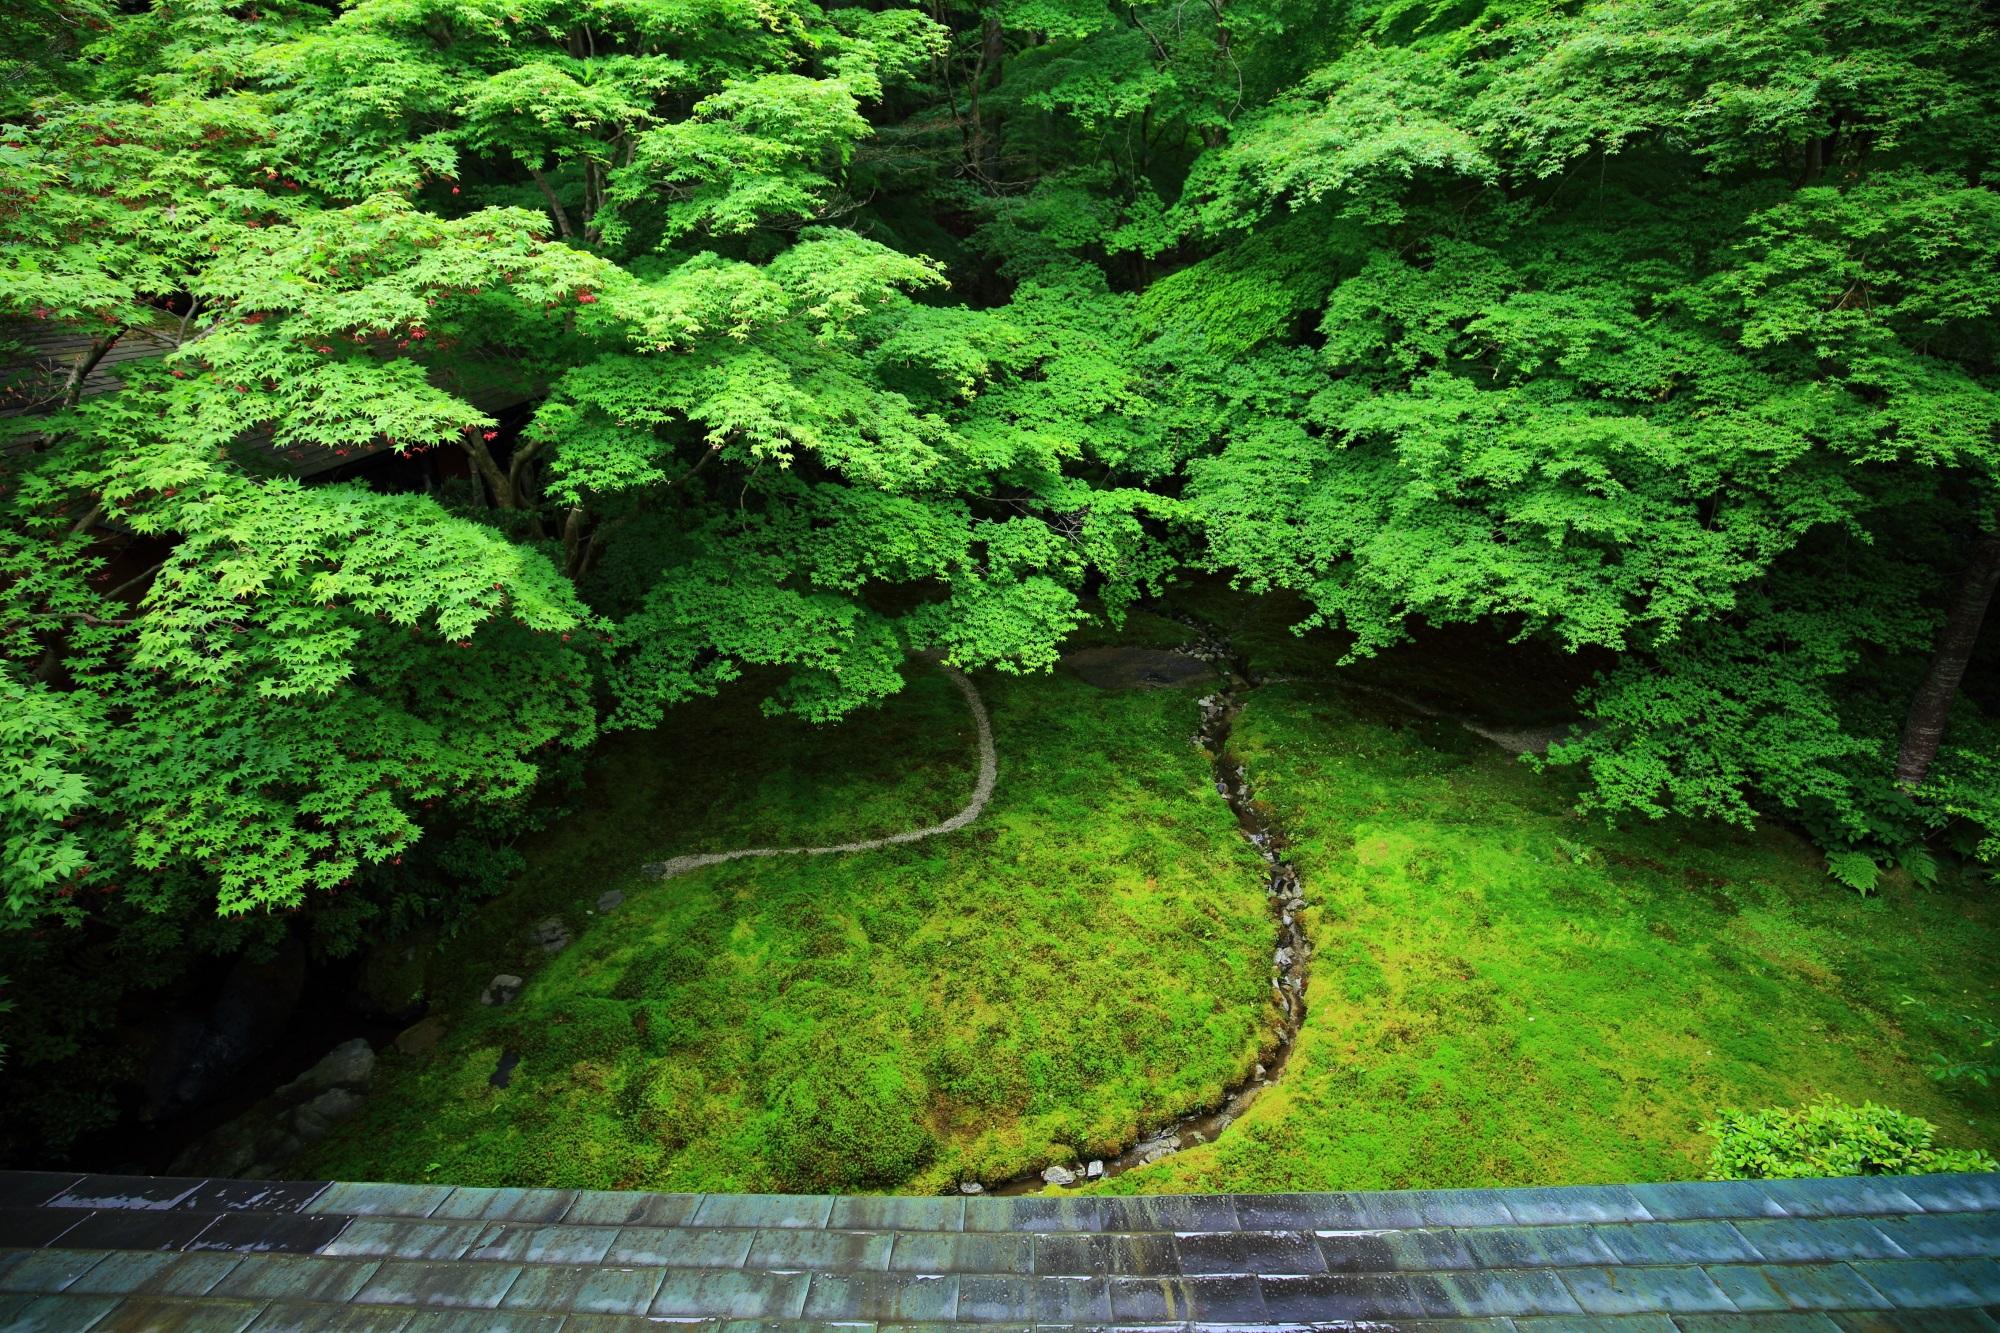 京都の秘境の瑠璃光院の瑠璃の庭の絶景